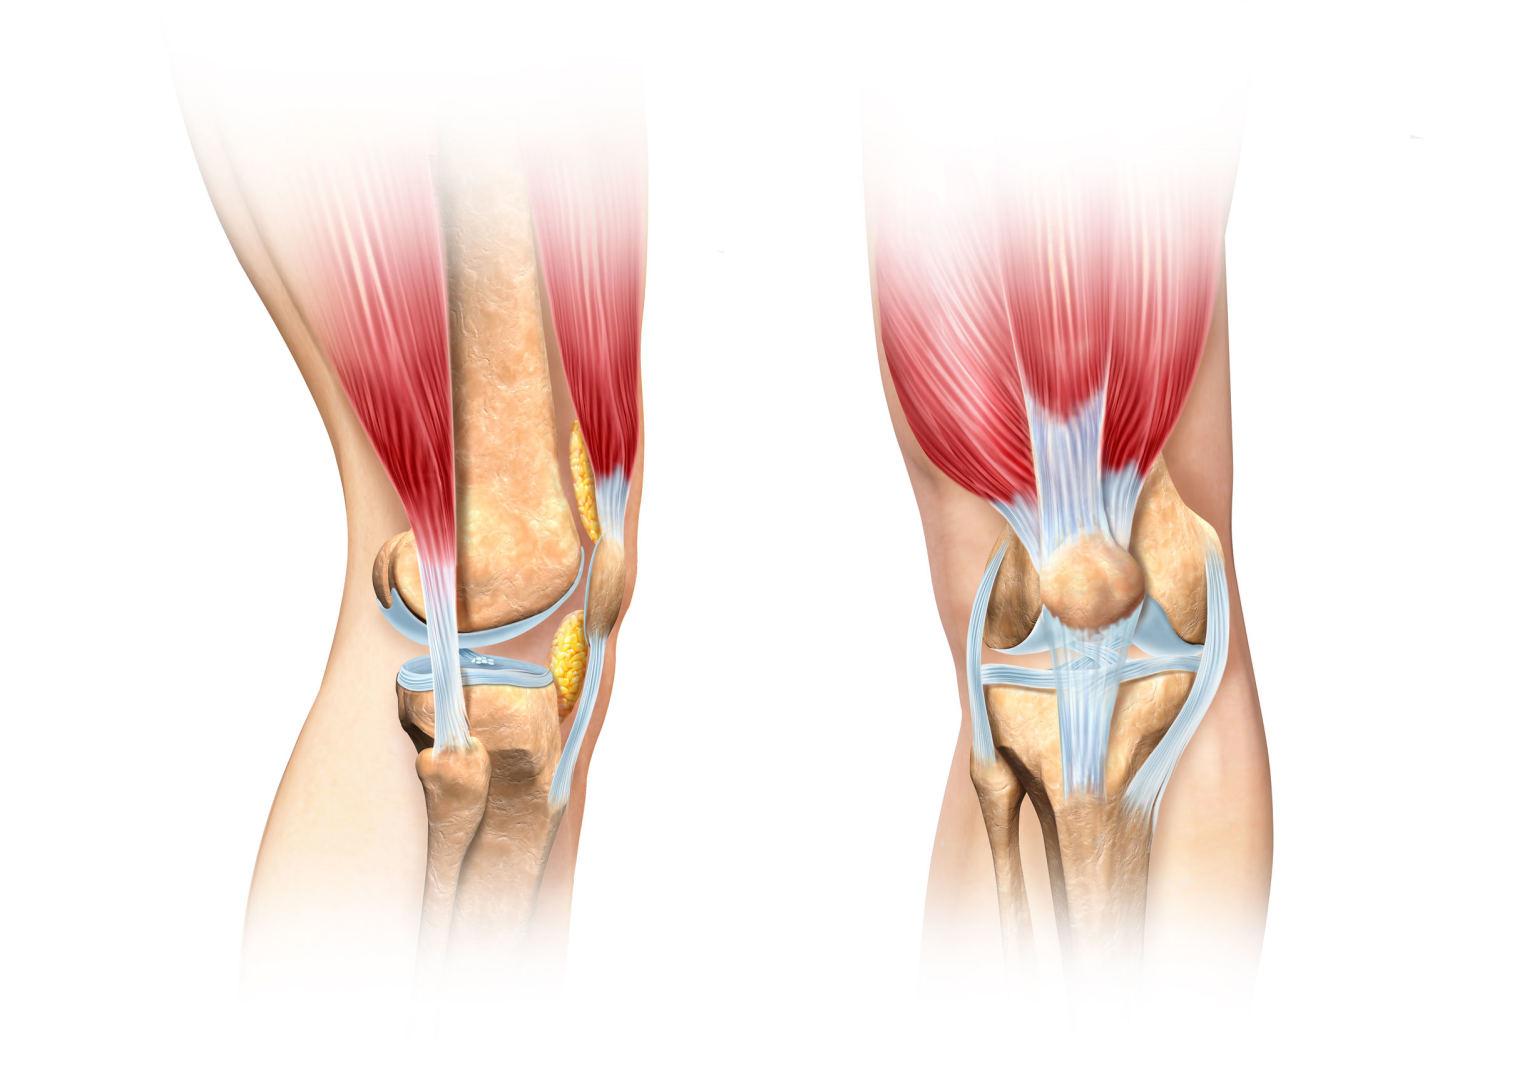 skausmas alkūnės sąnarių rankų reumatoidinis artritas pažeidimas sąnarių funkcija